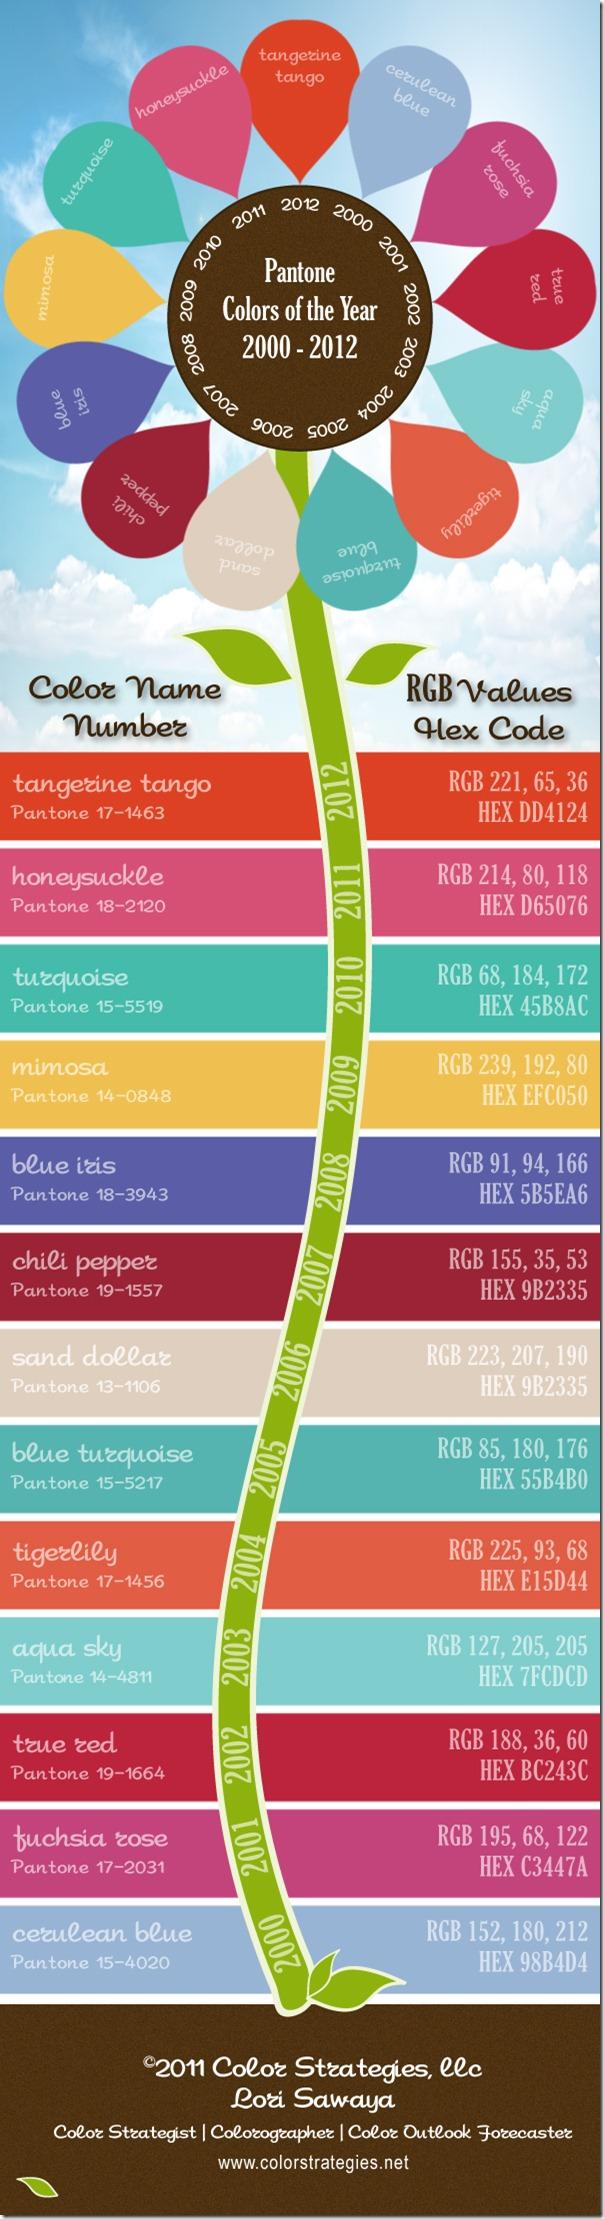 Los colores del año 2000-2012 (Pantone)